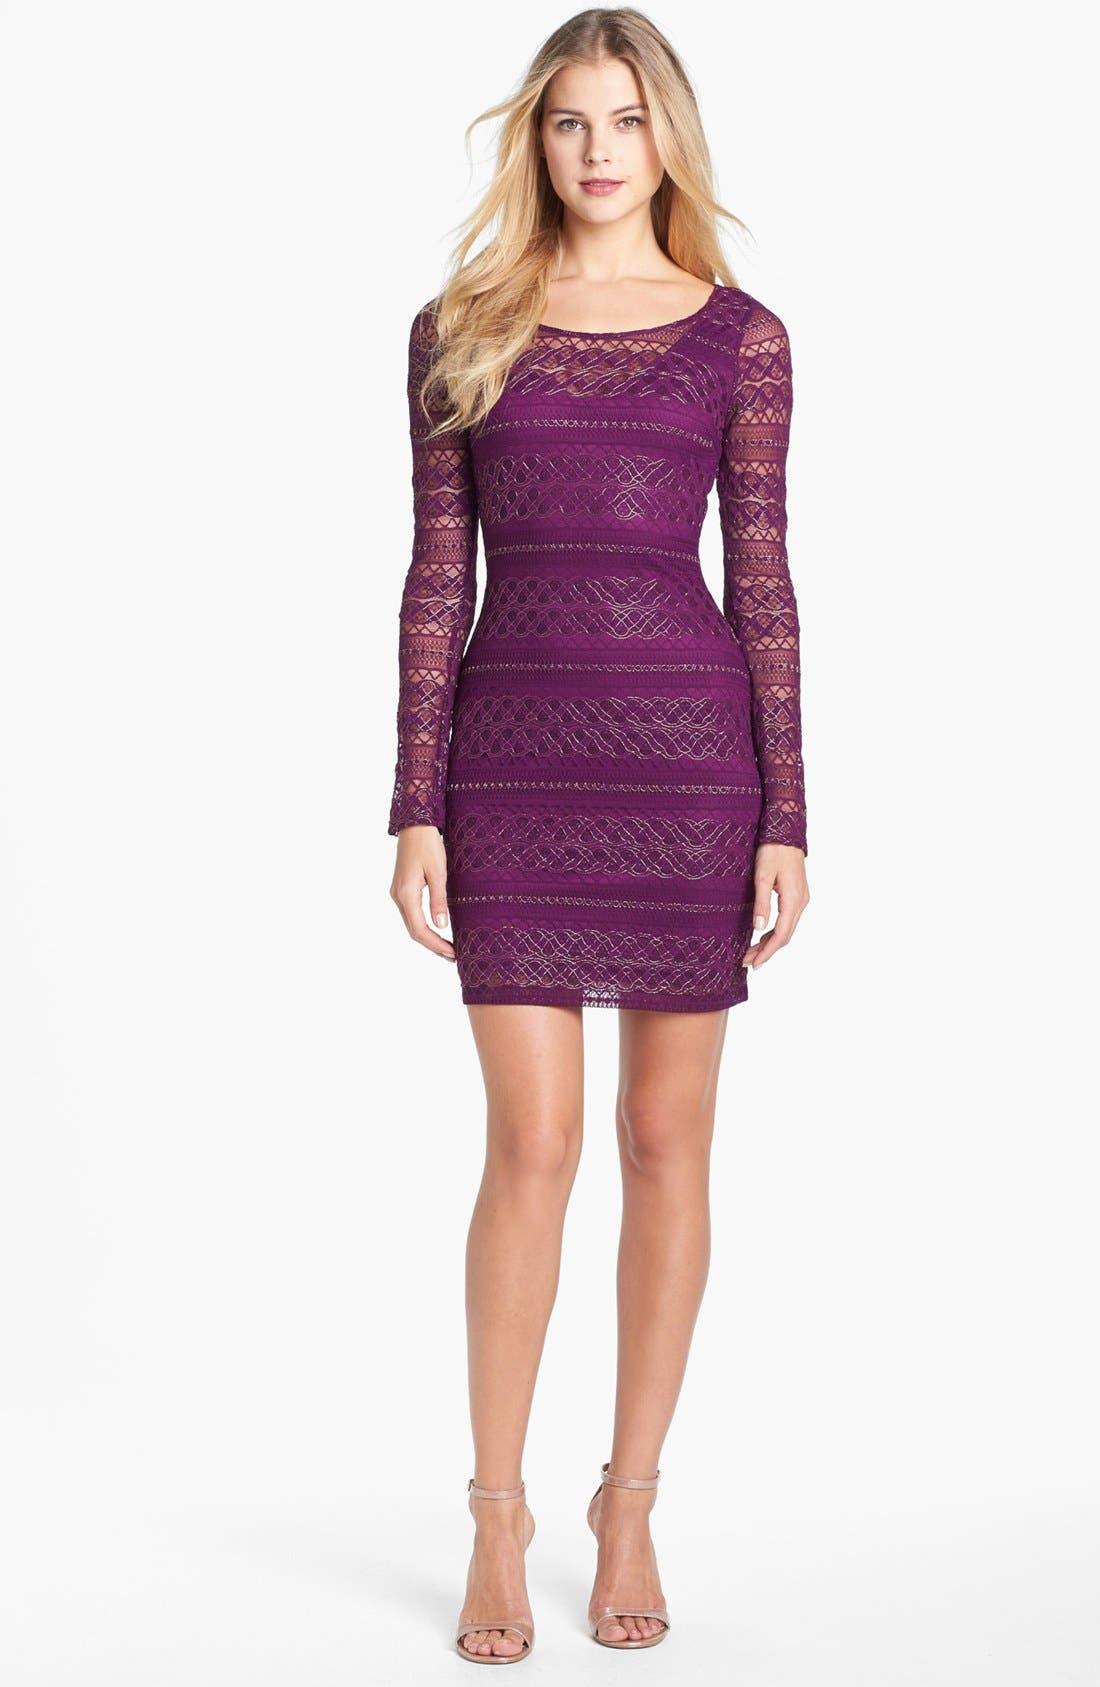 Main Image - GUESS Metallic Lace Knit Sheath Dress